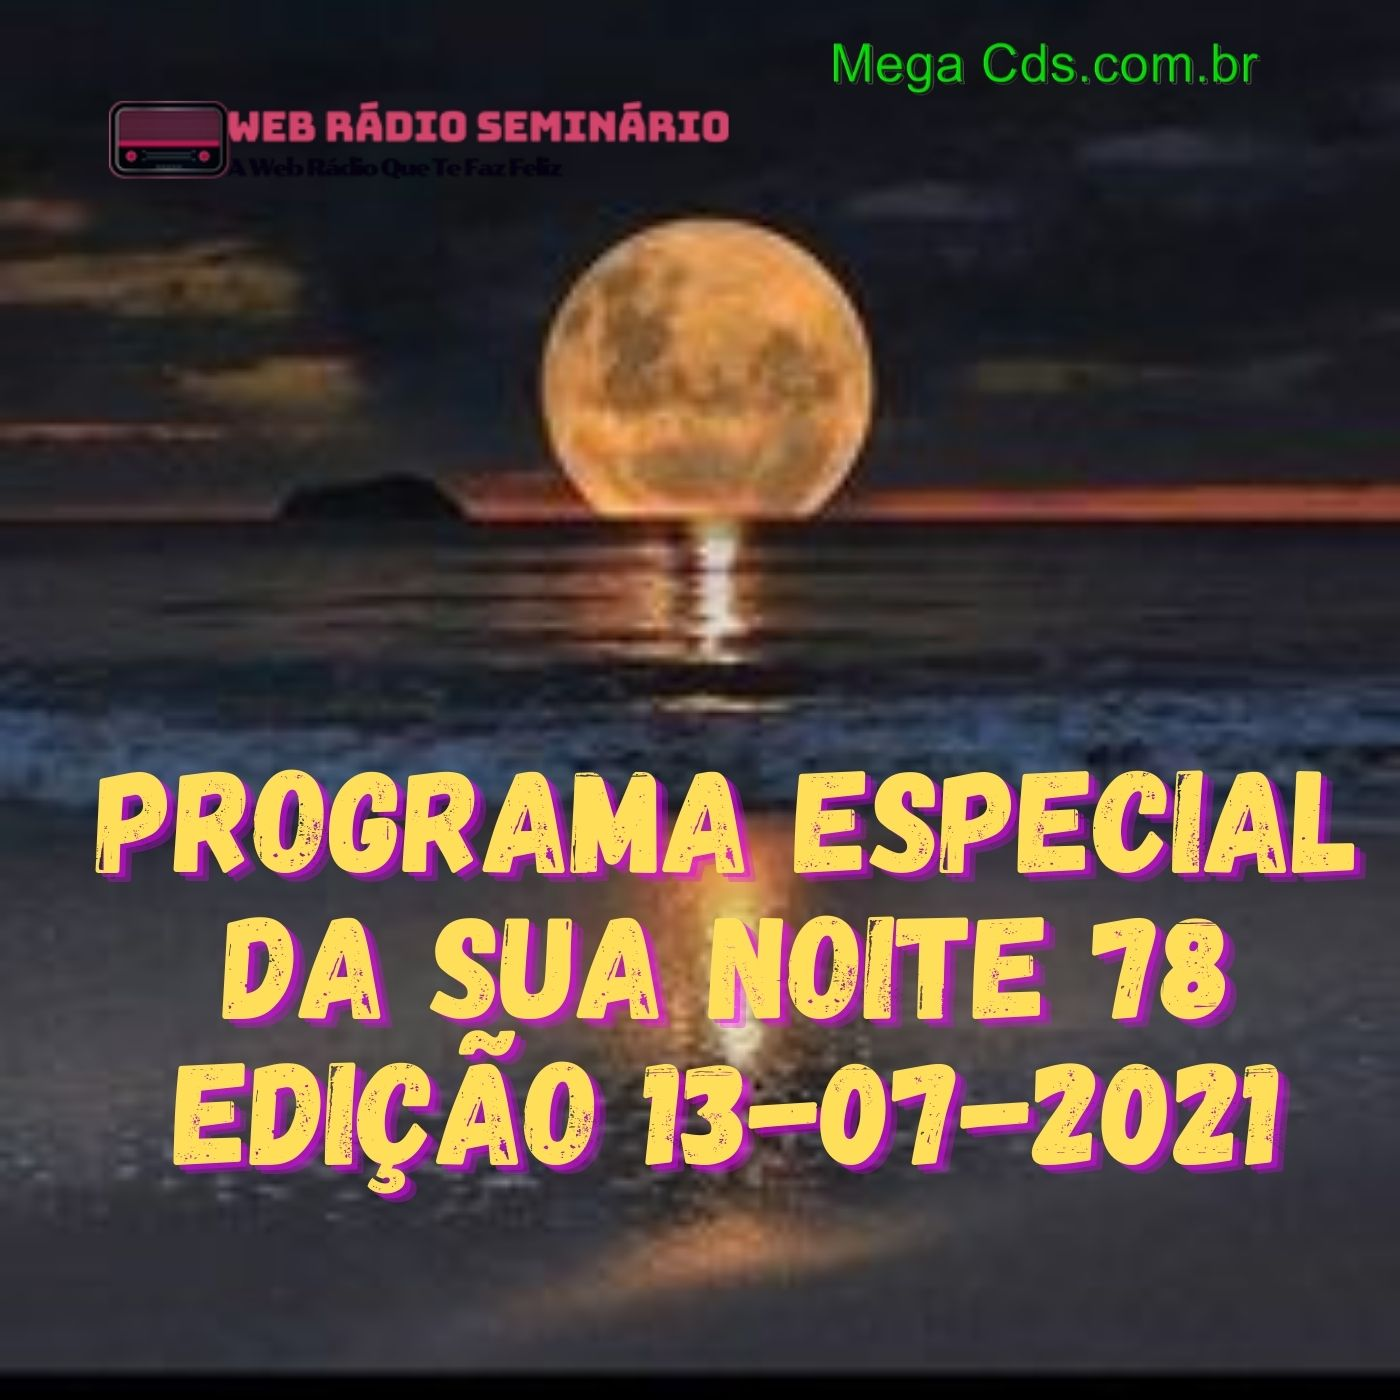 PROGRAMA ESPECIAL DA SUA NOITE-78 EDIÇAO 13-07-2021